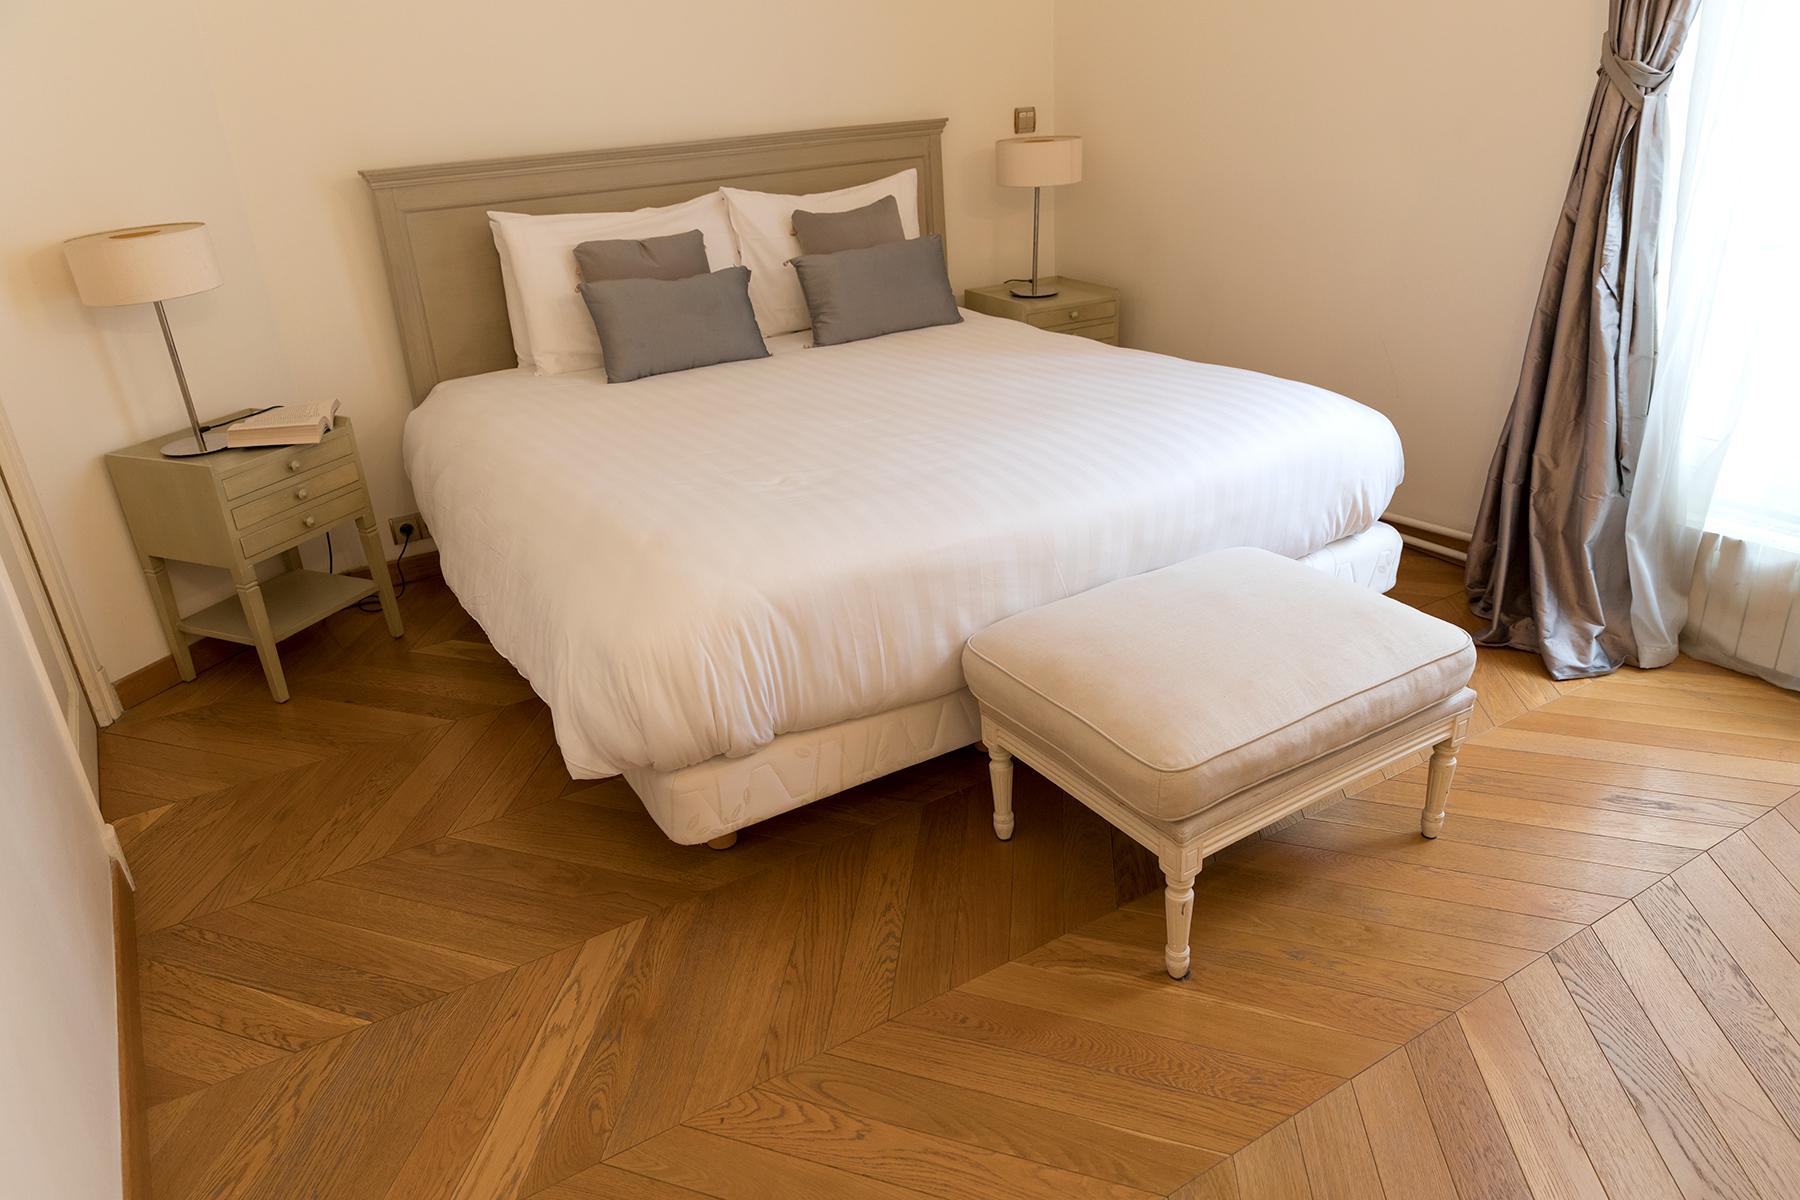 Light bedroom at Apartment Monceau Chic, 9th Arr, Paris